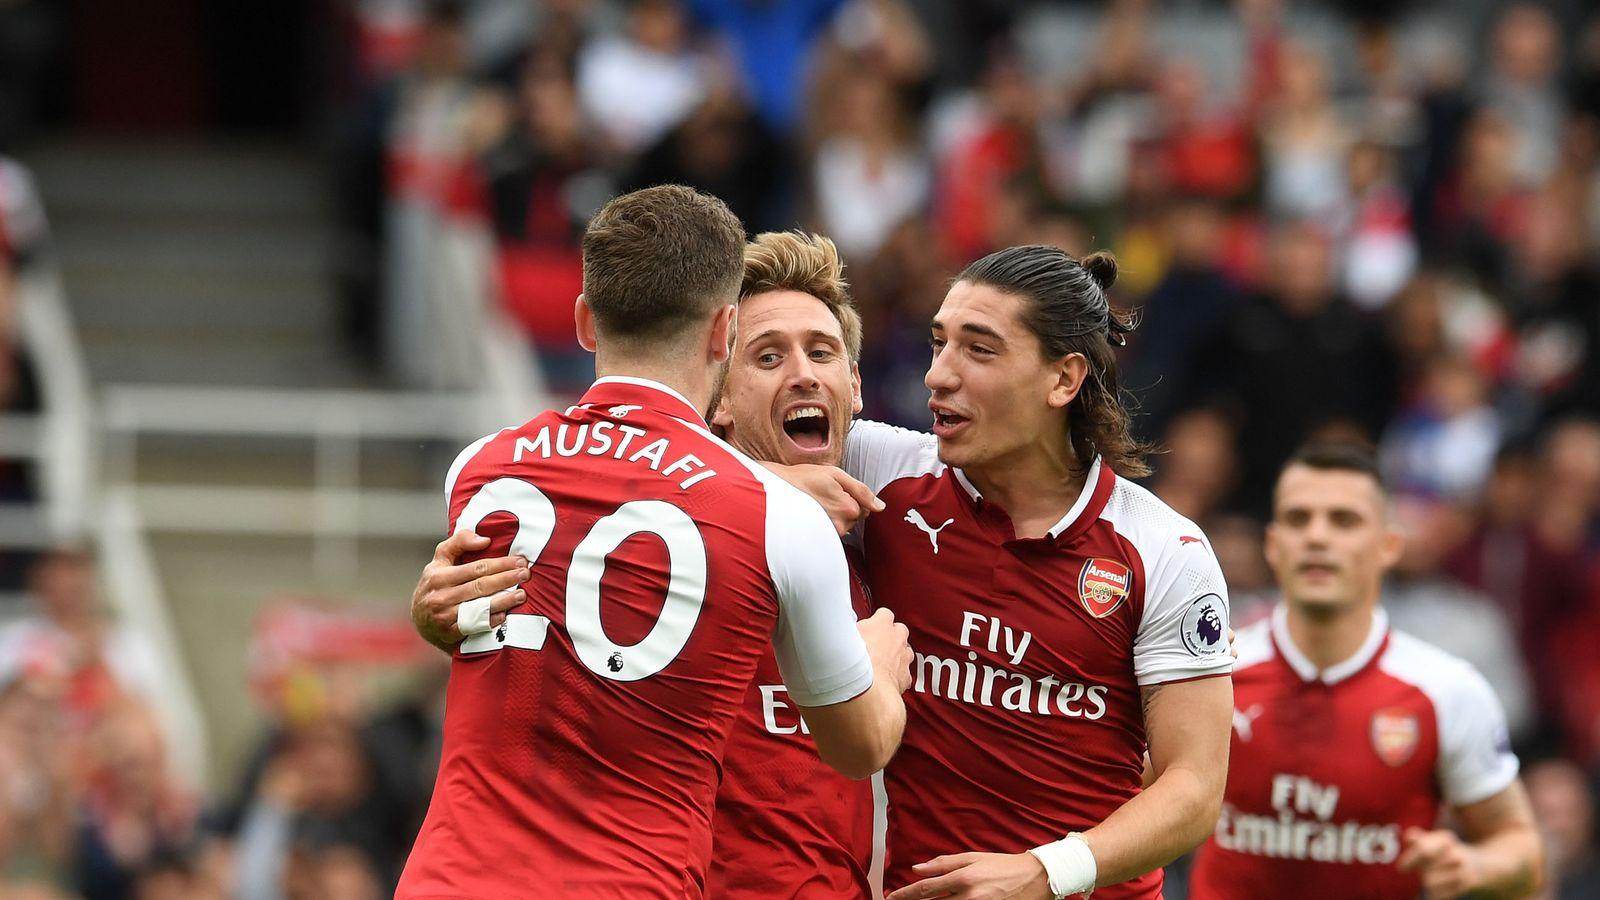 Arsenal 2-0 Brighton: Alex Iwobi on target as Gunners ease